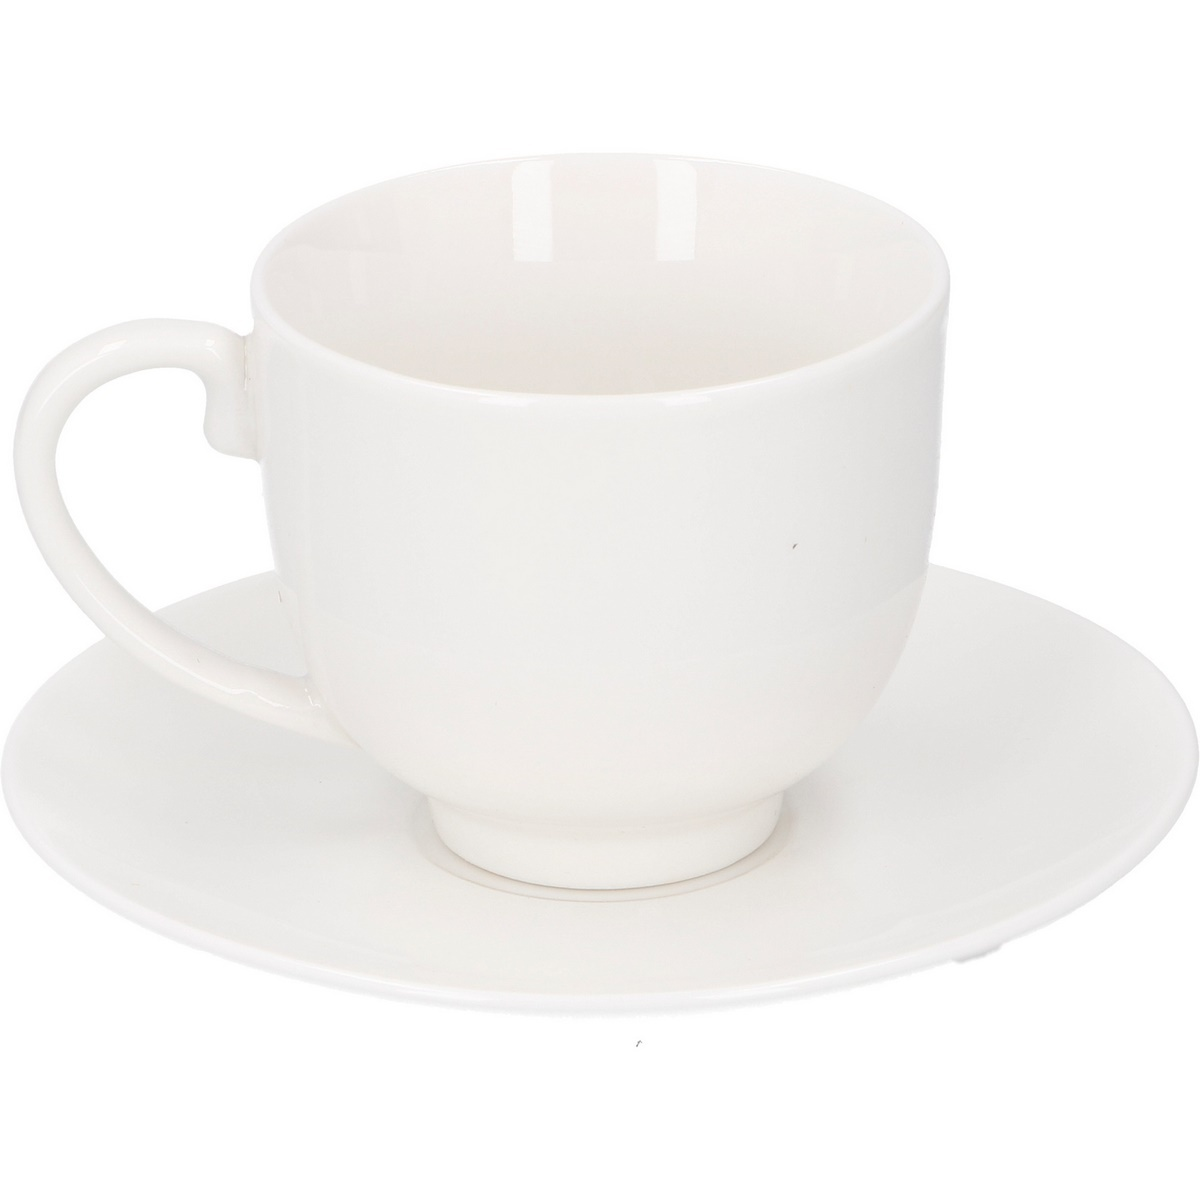 Alpina 85358 Sada šálků a podšálků na espresso